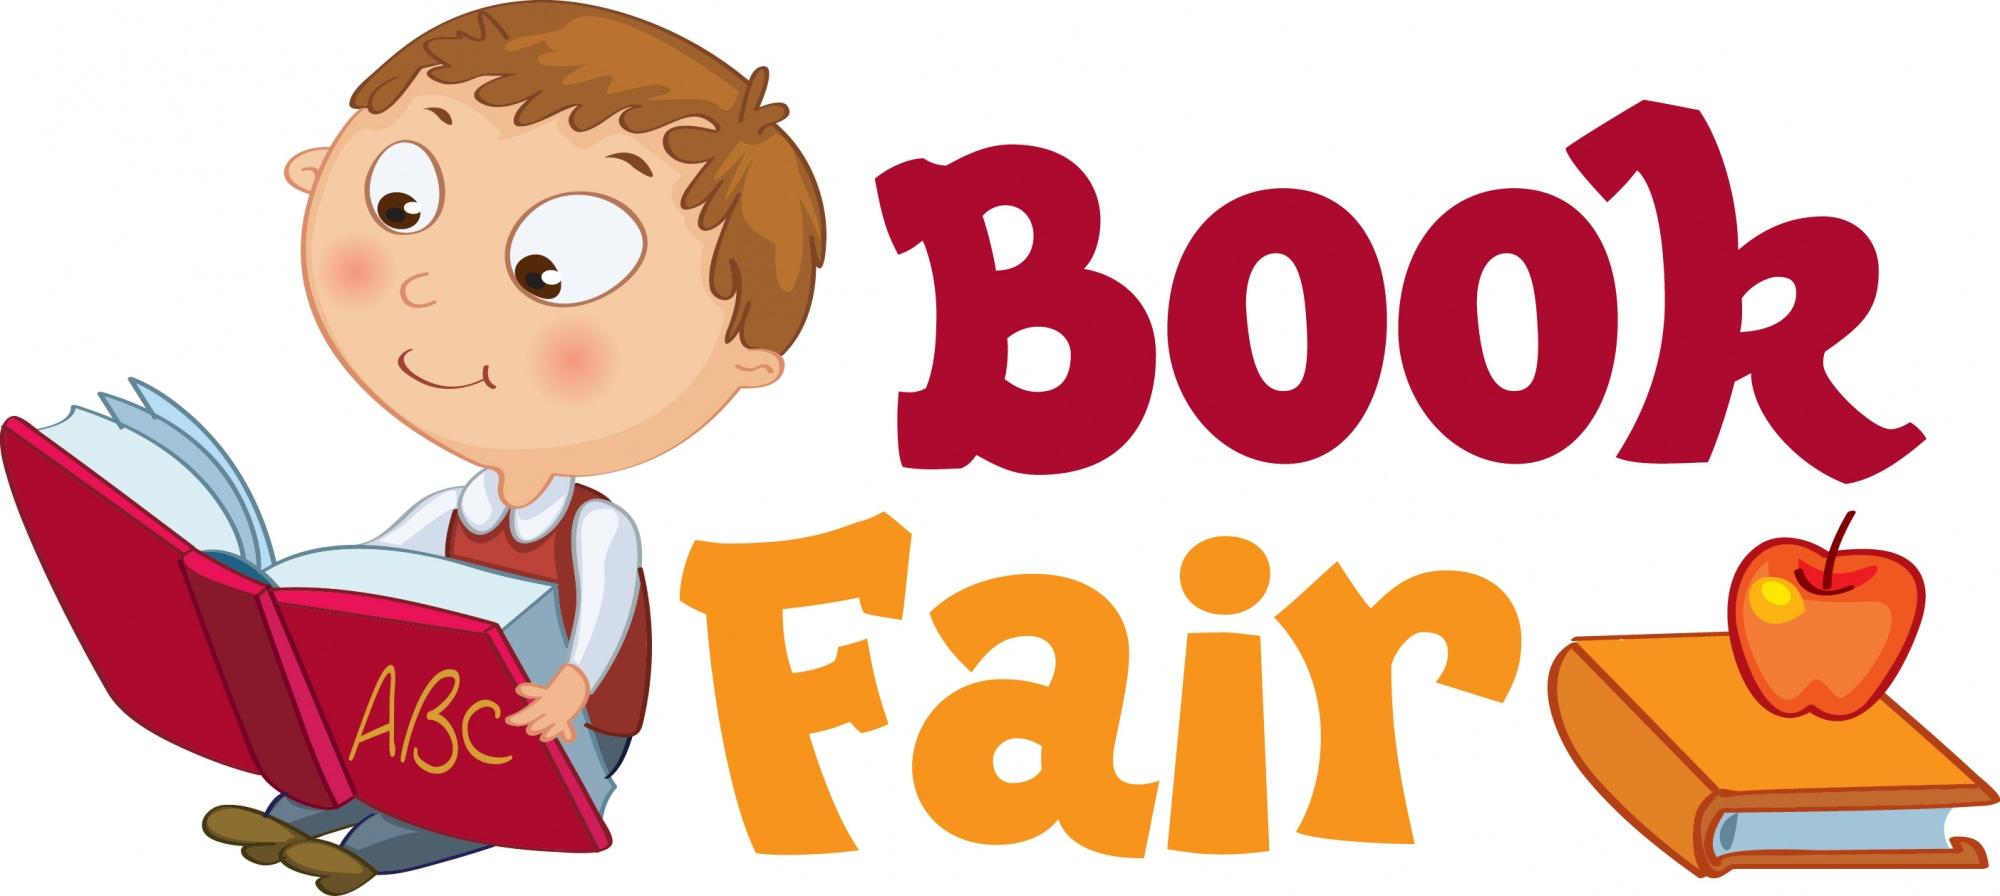 Book Fair Clipart.